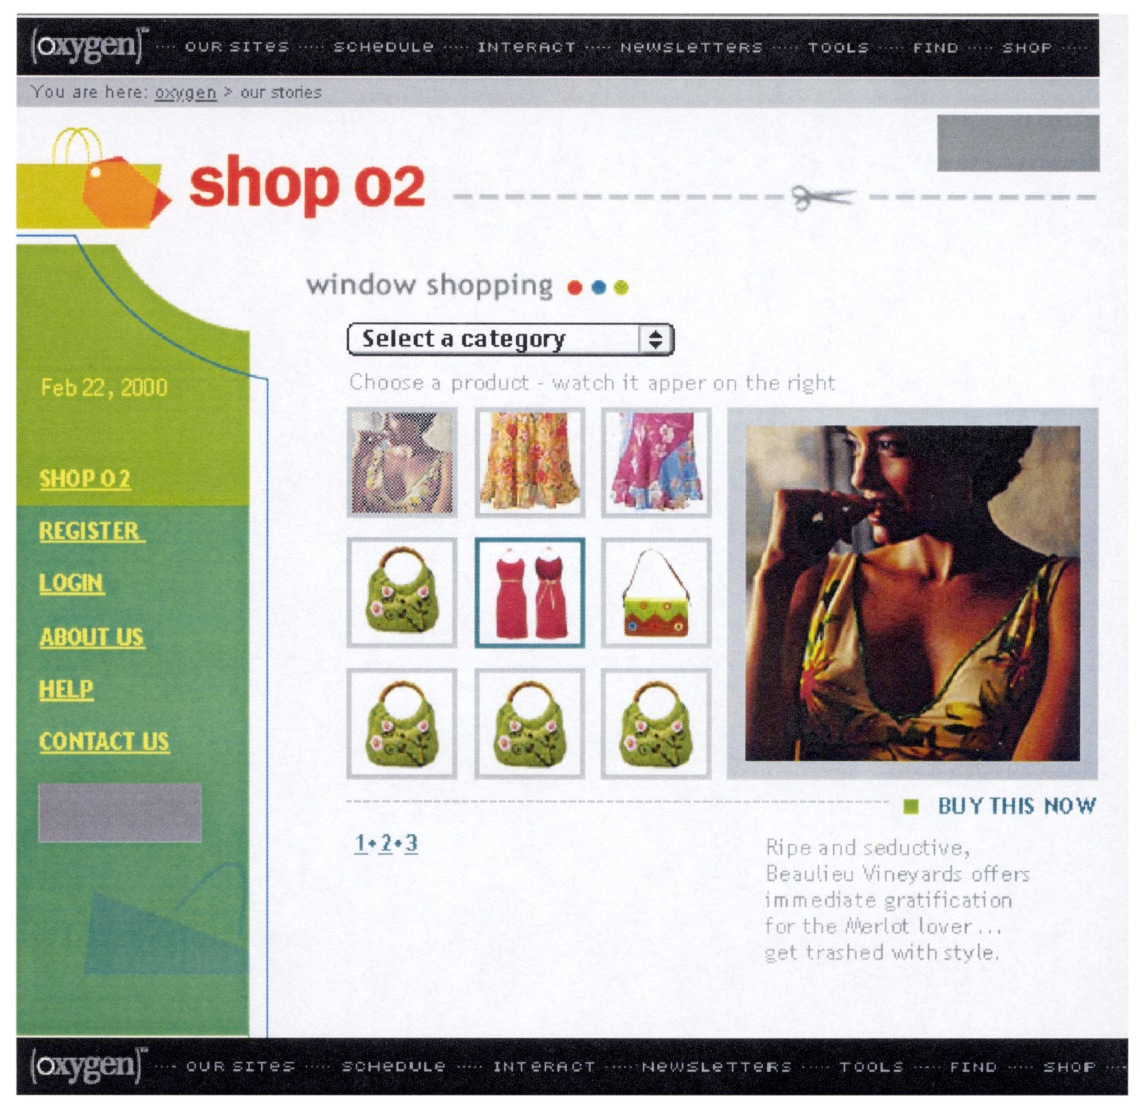 shop02